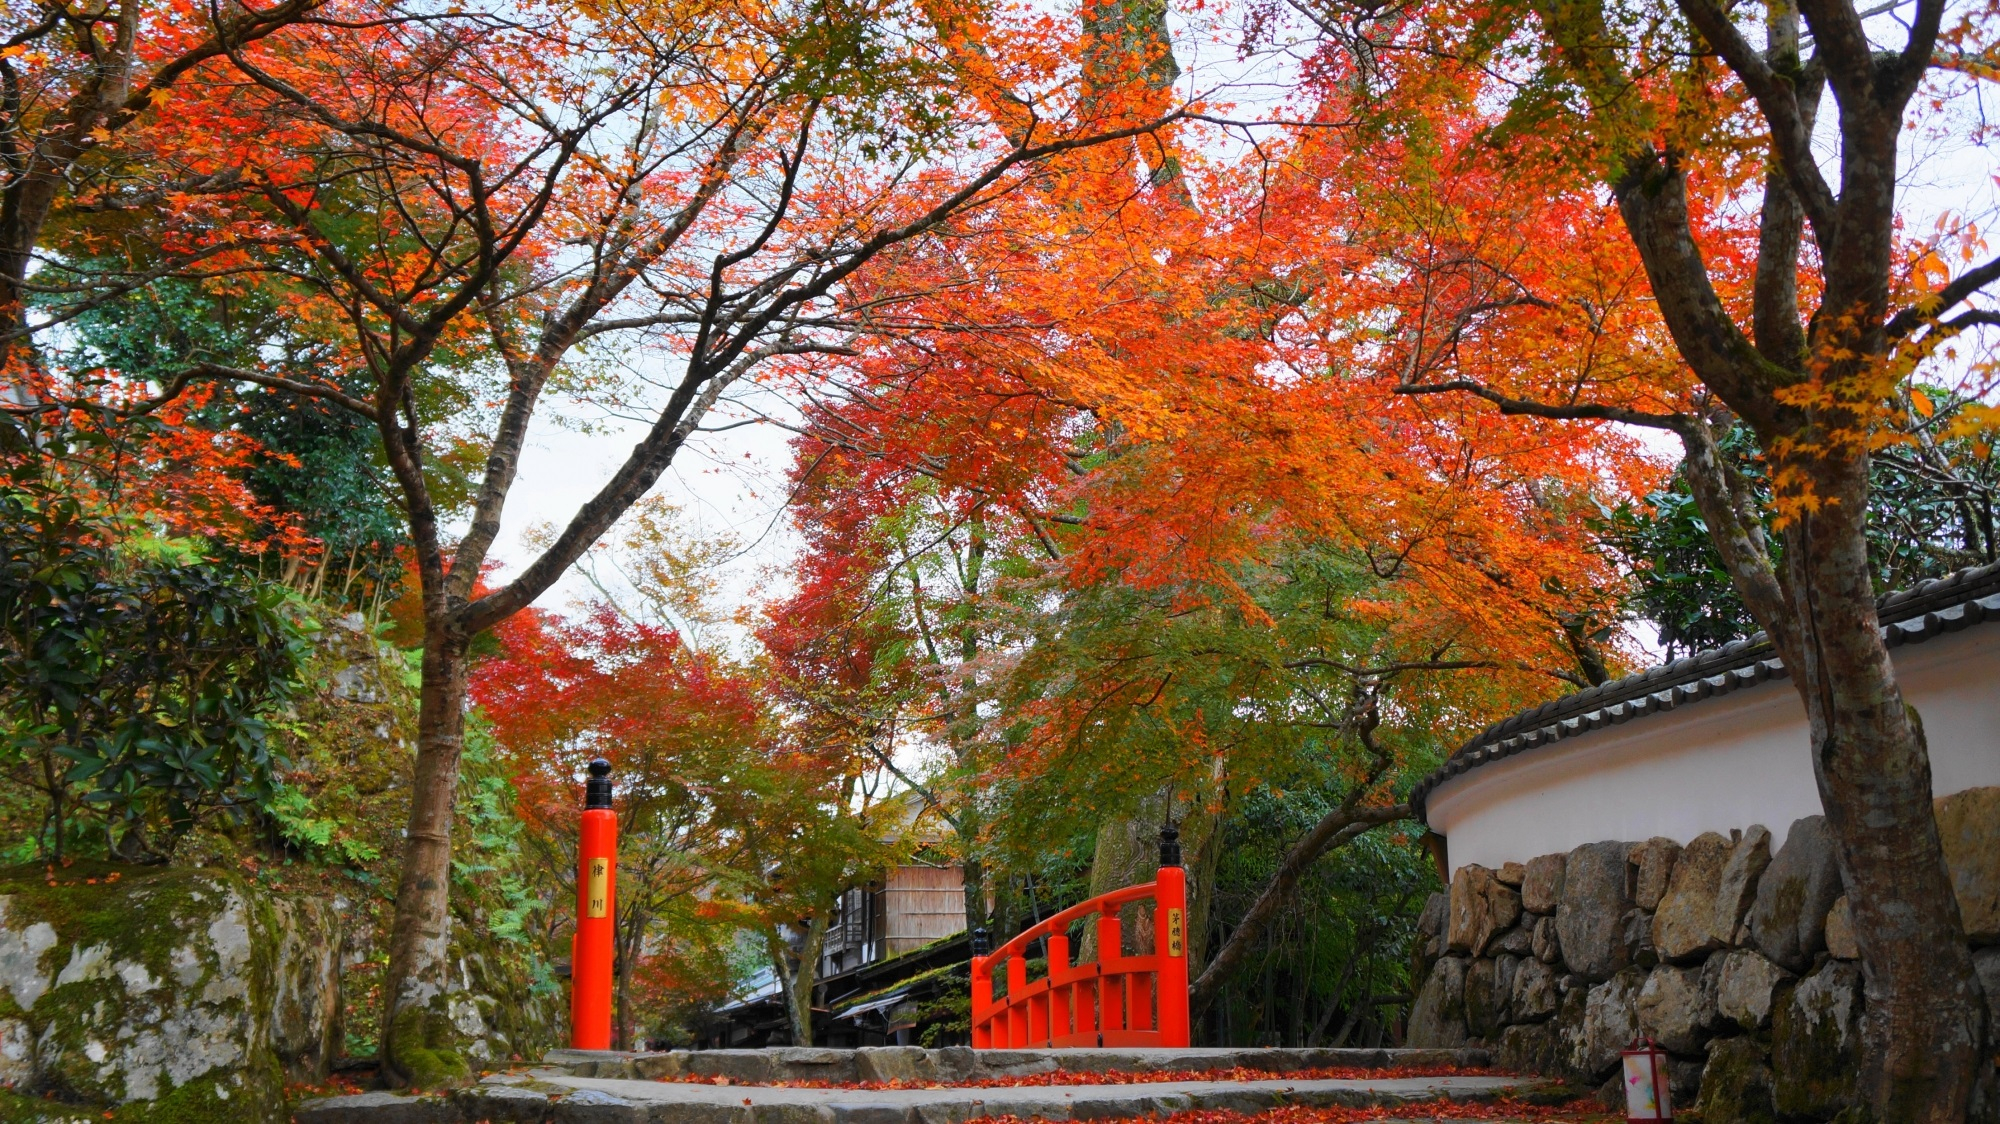 大原 紅葉 律川と勝手神社の秋の彩り